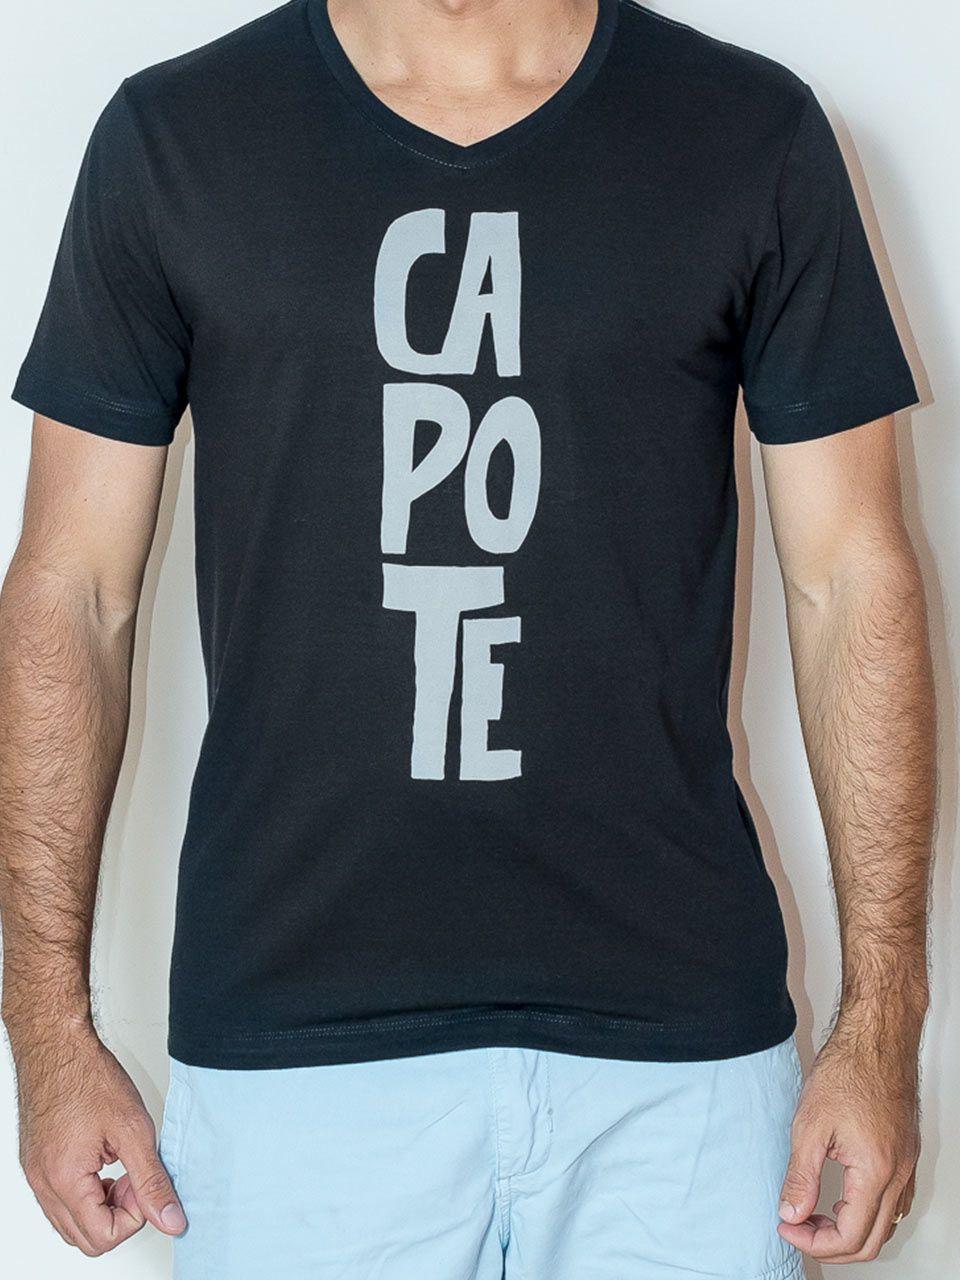 Camiseta Algodão egipcio CAPOTE Gola V